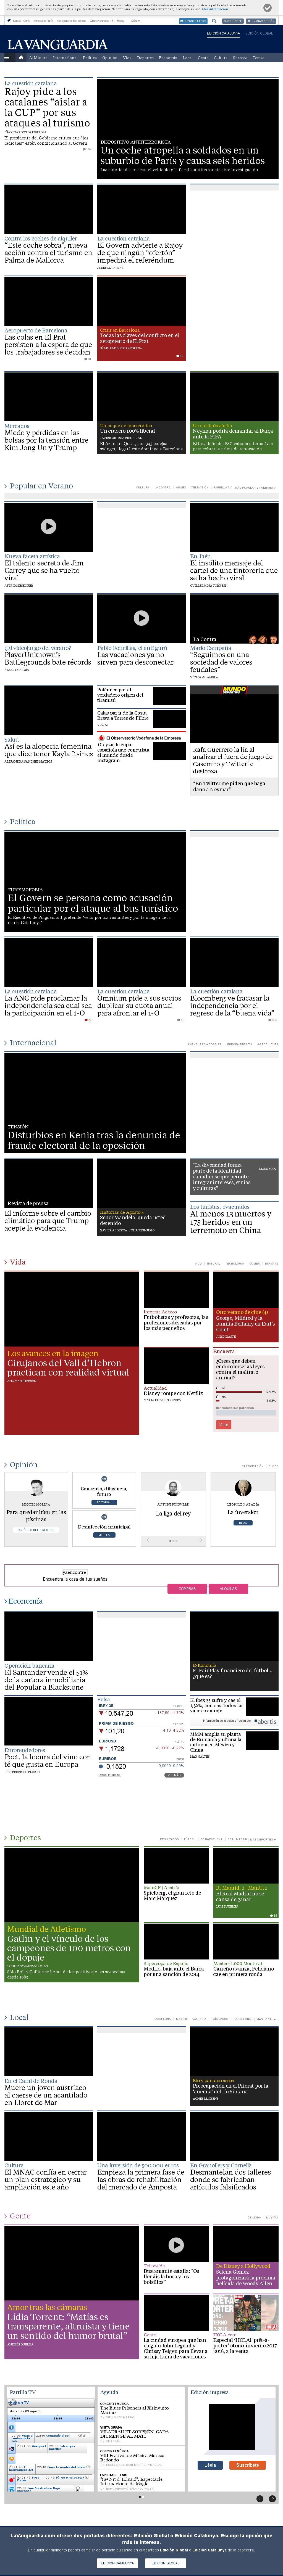 La Vanguardia at Wednesday Aug. 9, 2017, 12:22 p.m. UTC